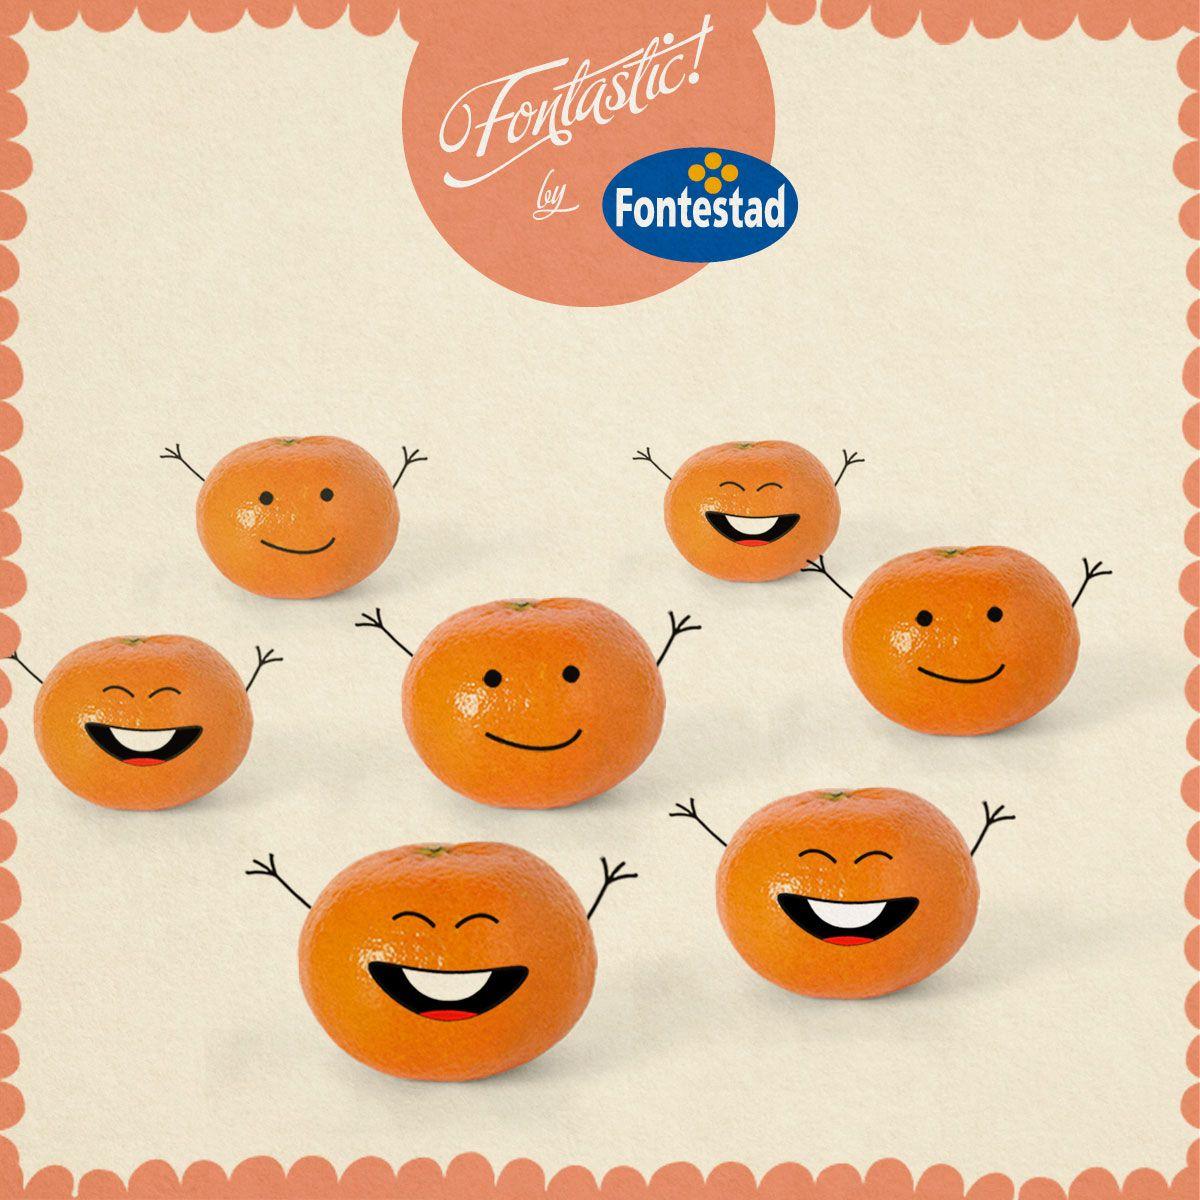 #DíadelNiño Quizá no exista nada más #fontastic como la sonrisa de un niño.